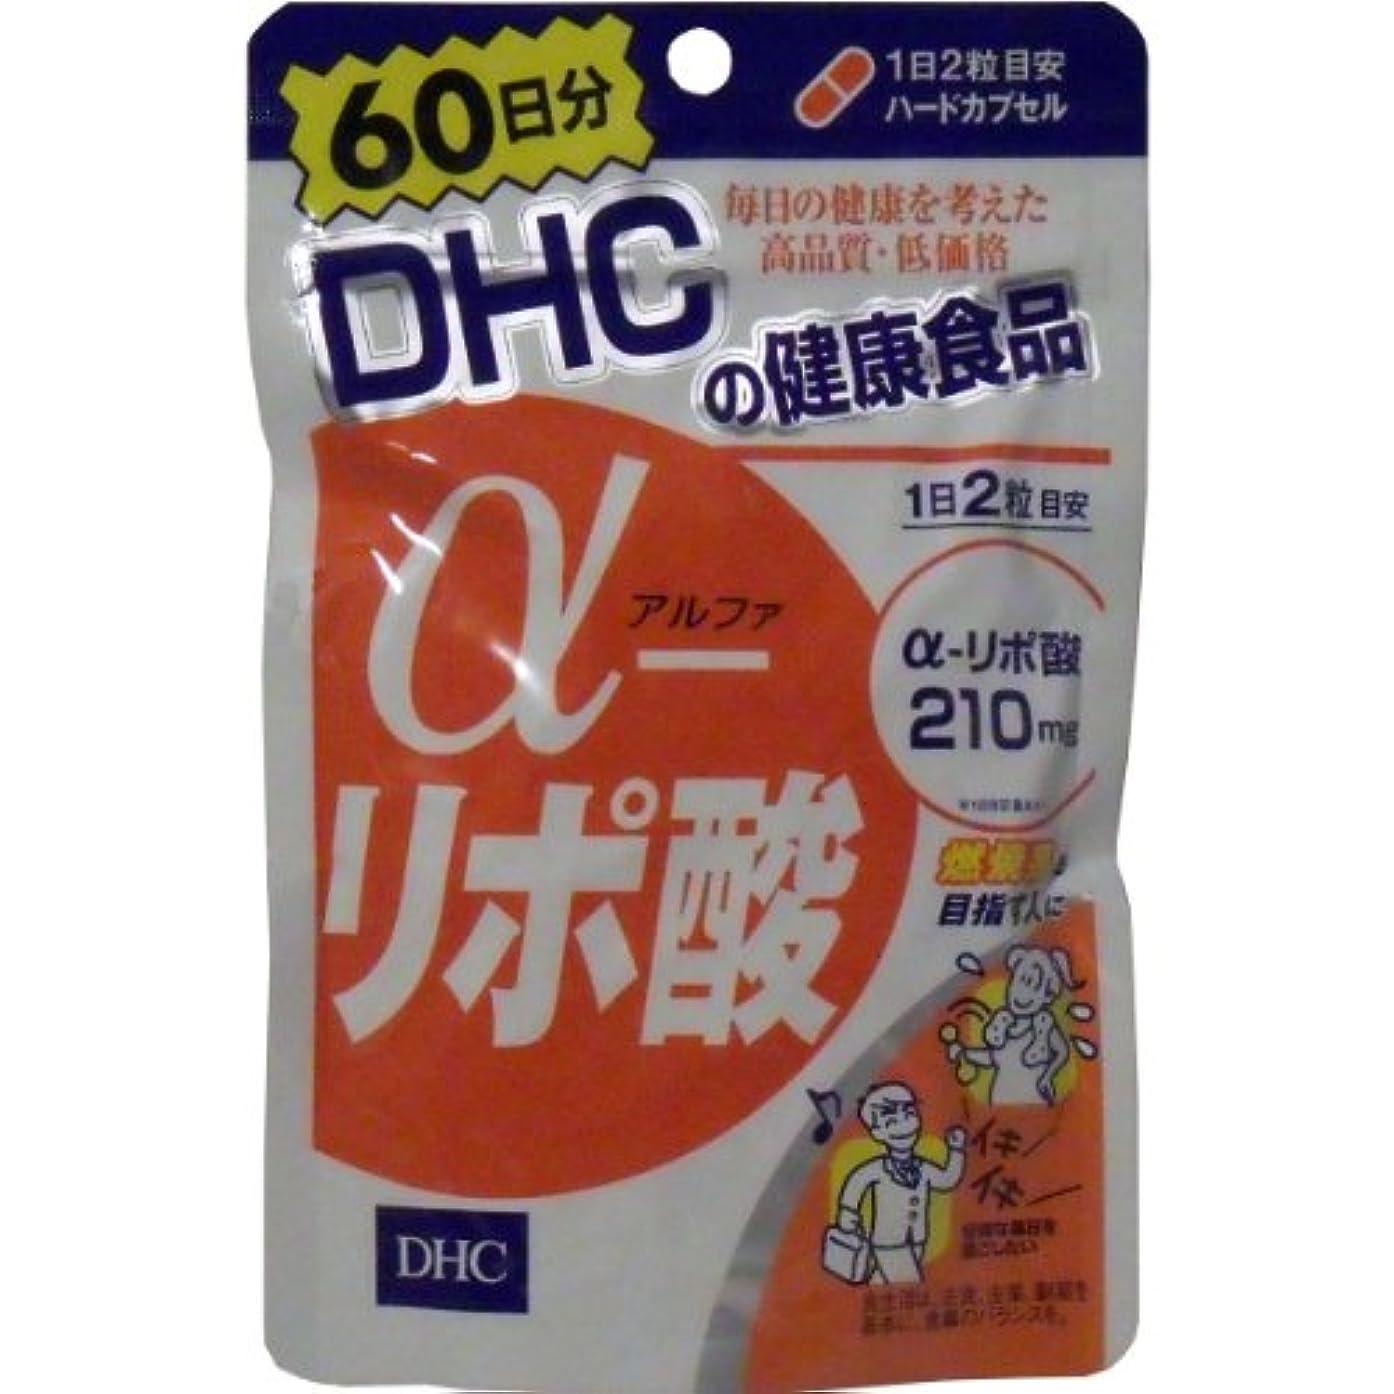 落ち込んでいる減らすやけどDHC α-リポ酸60日分 120粒×3個セット